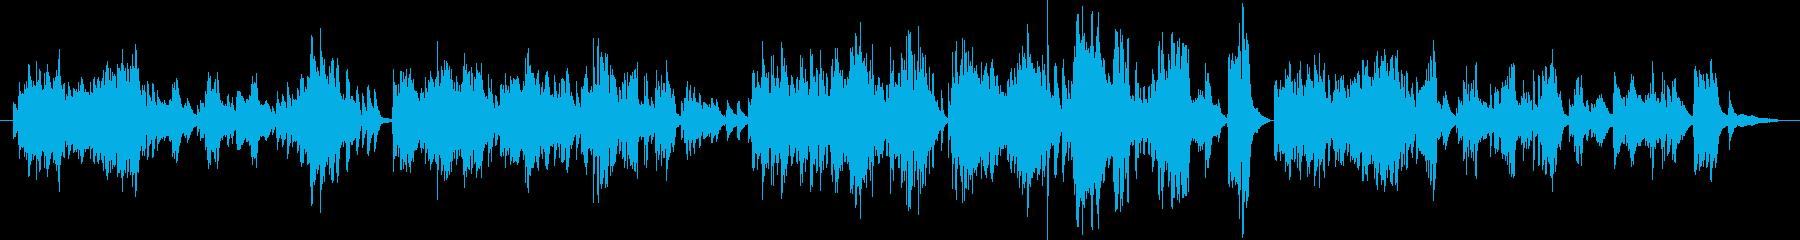 サロンなど落ち着いた場所で流すBGMの再生済みの波形